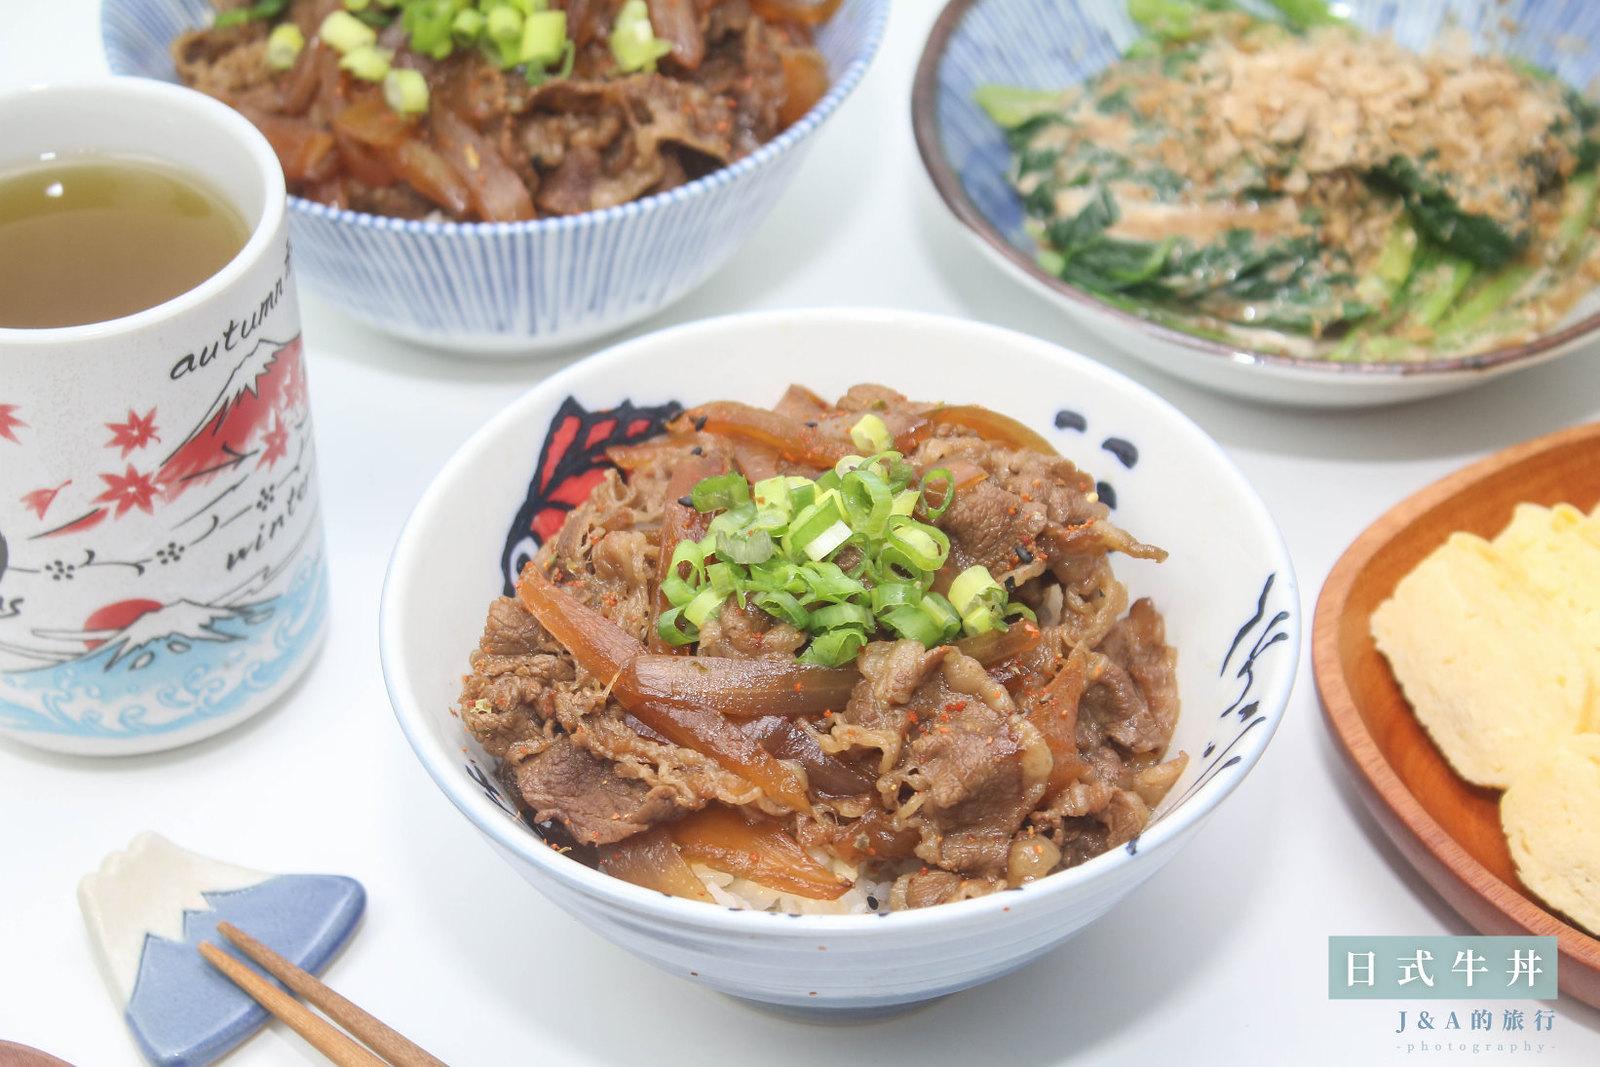 最新推播訊息:15分鐘完成簡單好吃的日式牛丼